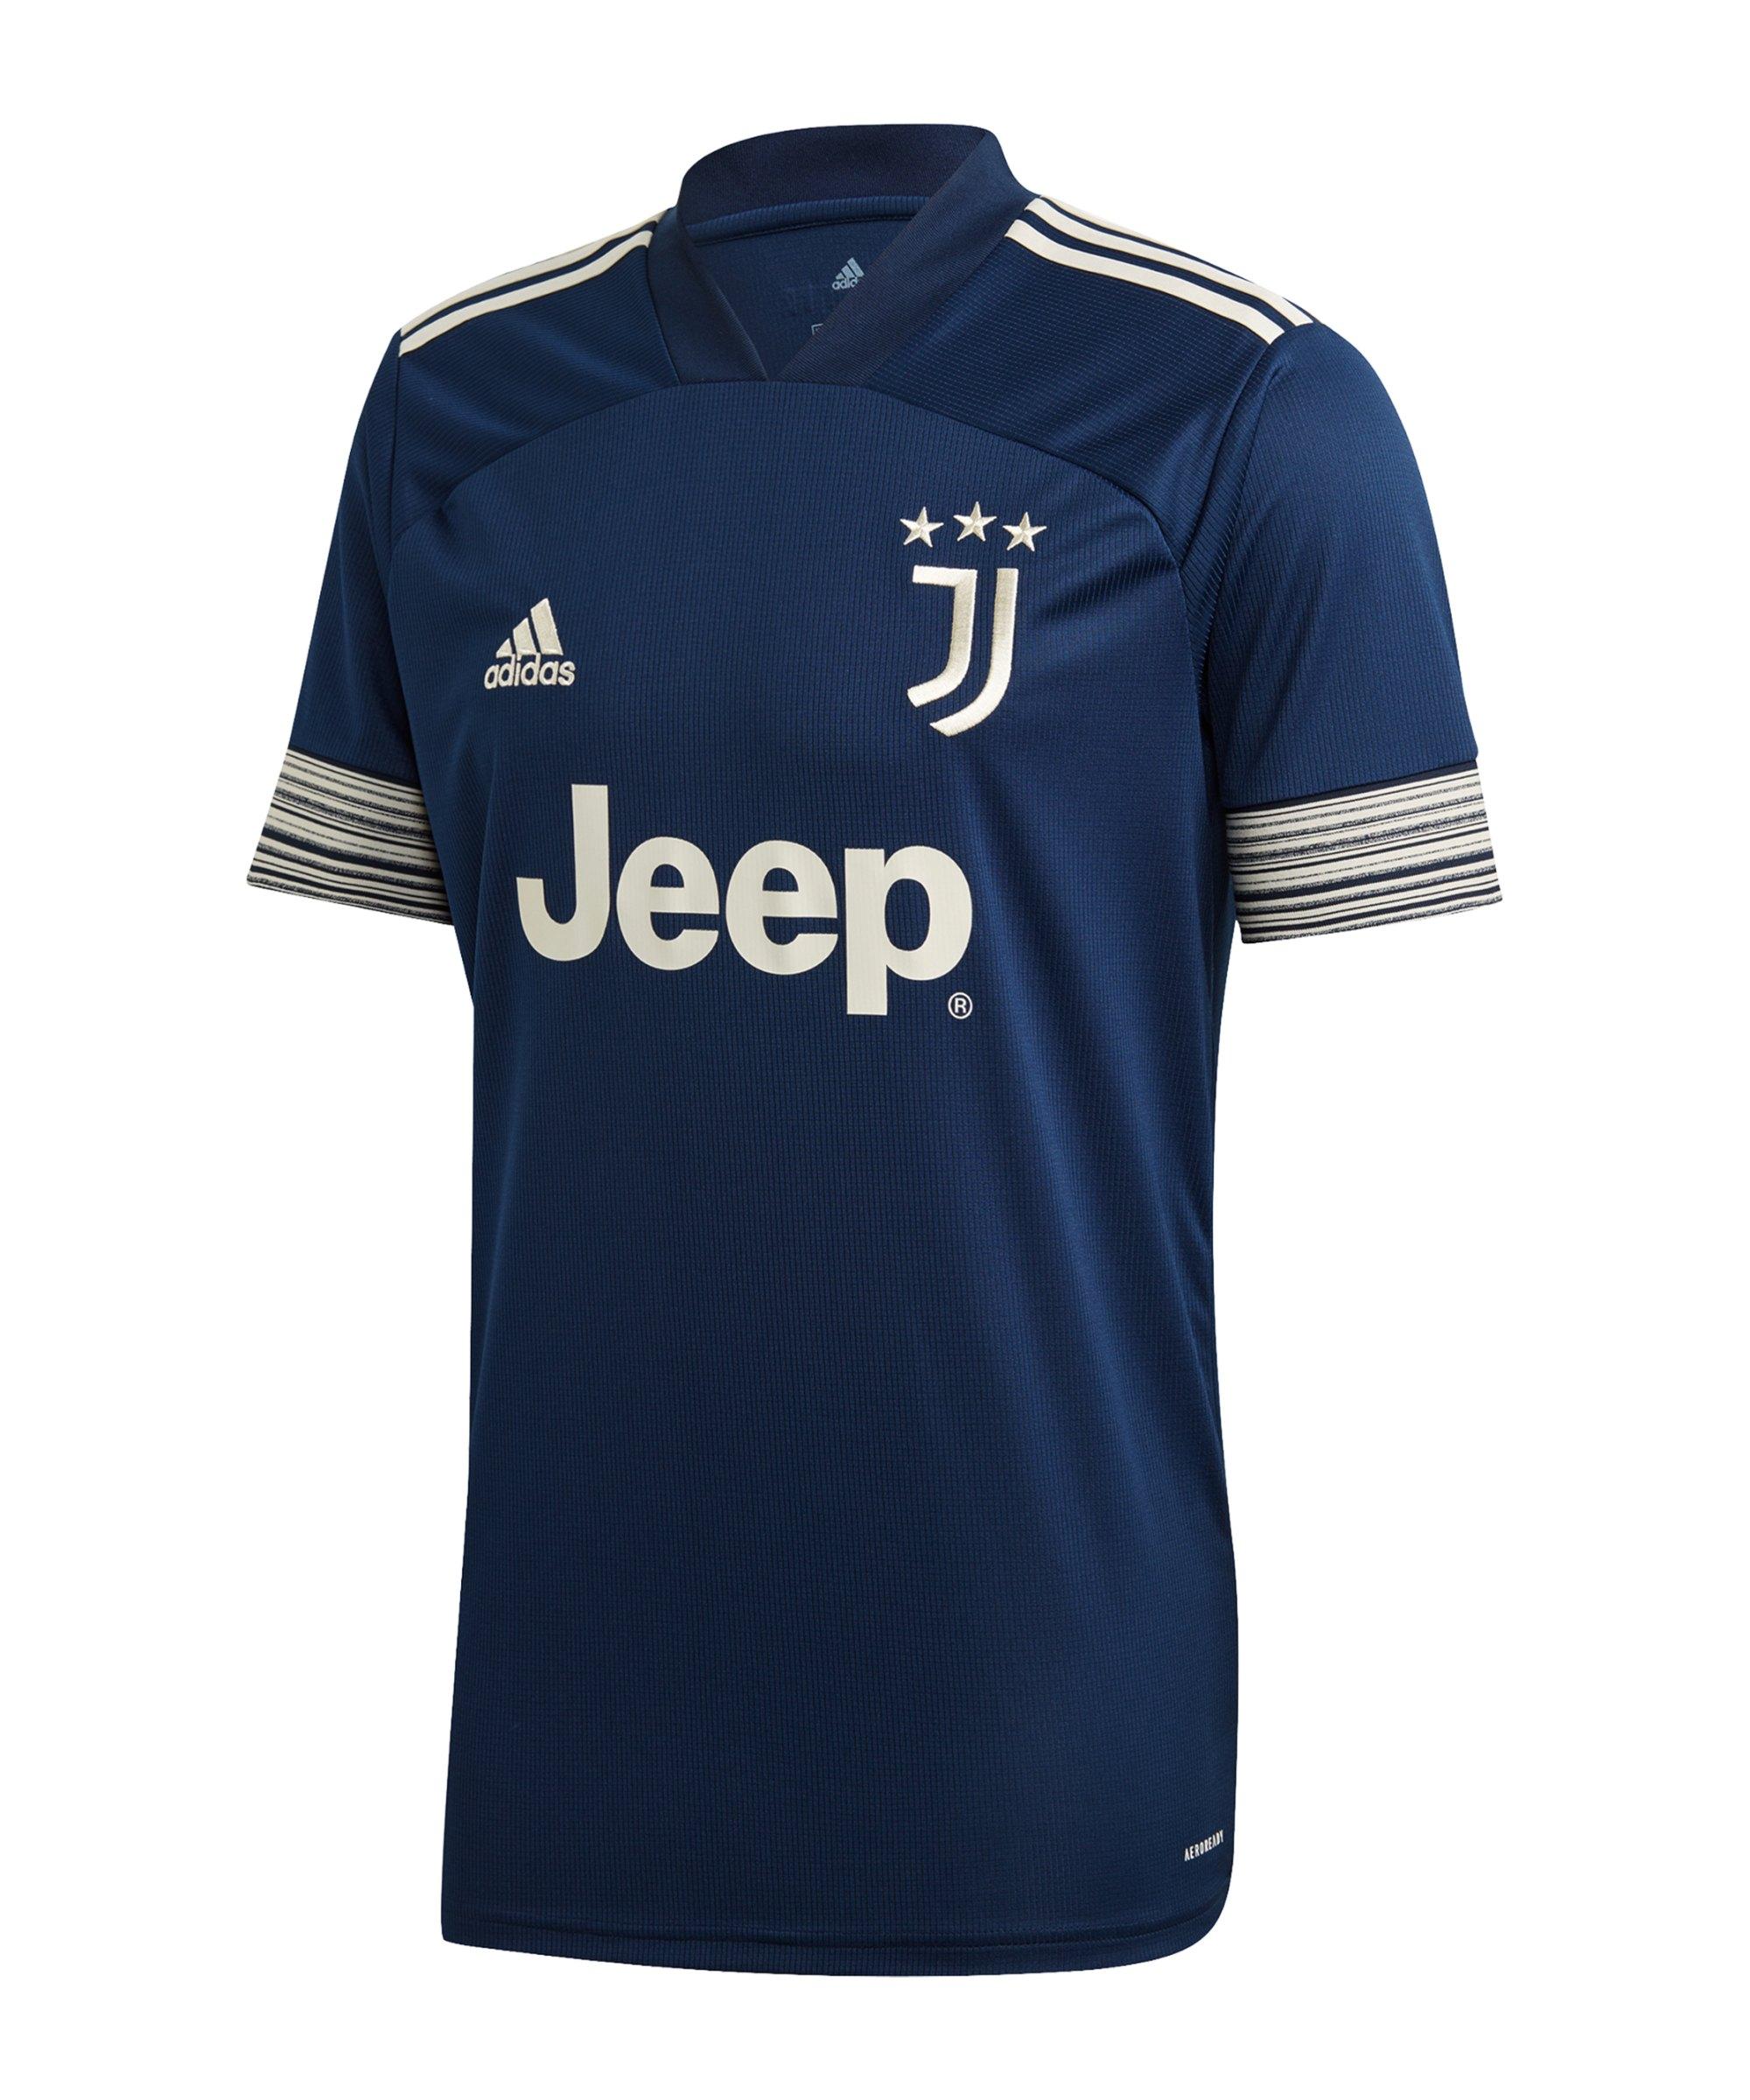 adidas Juventus Turin Trikot Away 2020/2021 Blau - blau